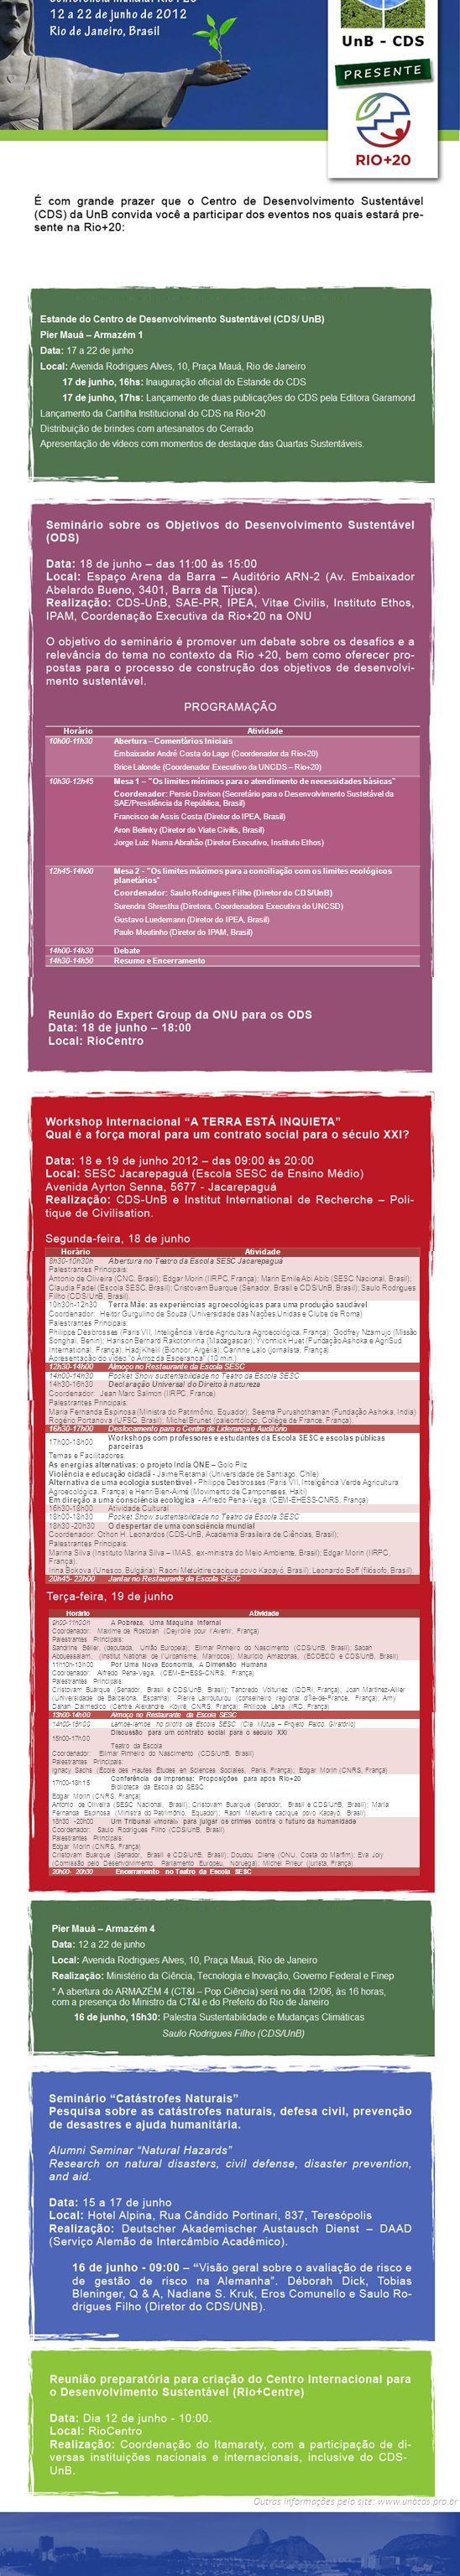 HorárioAtividade 9h00-11h00hA Pobreza, Uma Máquina Infernal Coordenador: Maxime de Rostolan (Deyrolle pour lAvenir, França) Palestrantes Principais: S